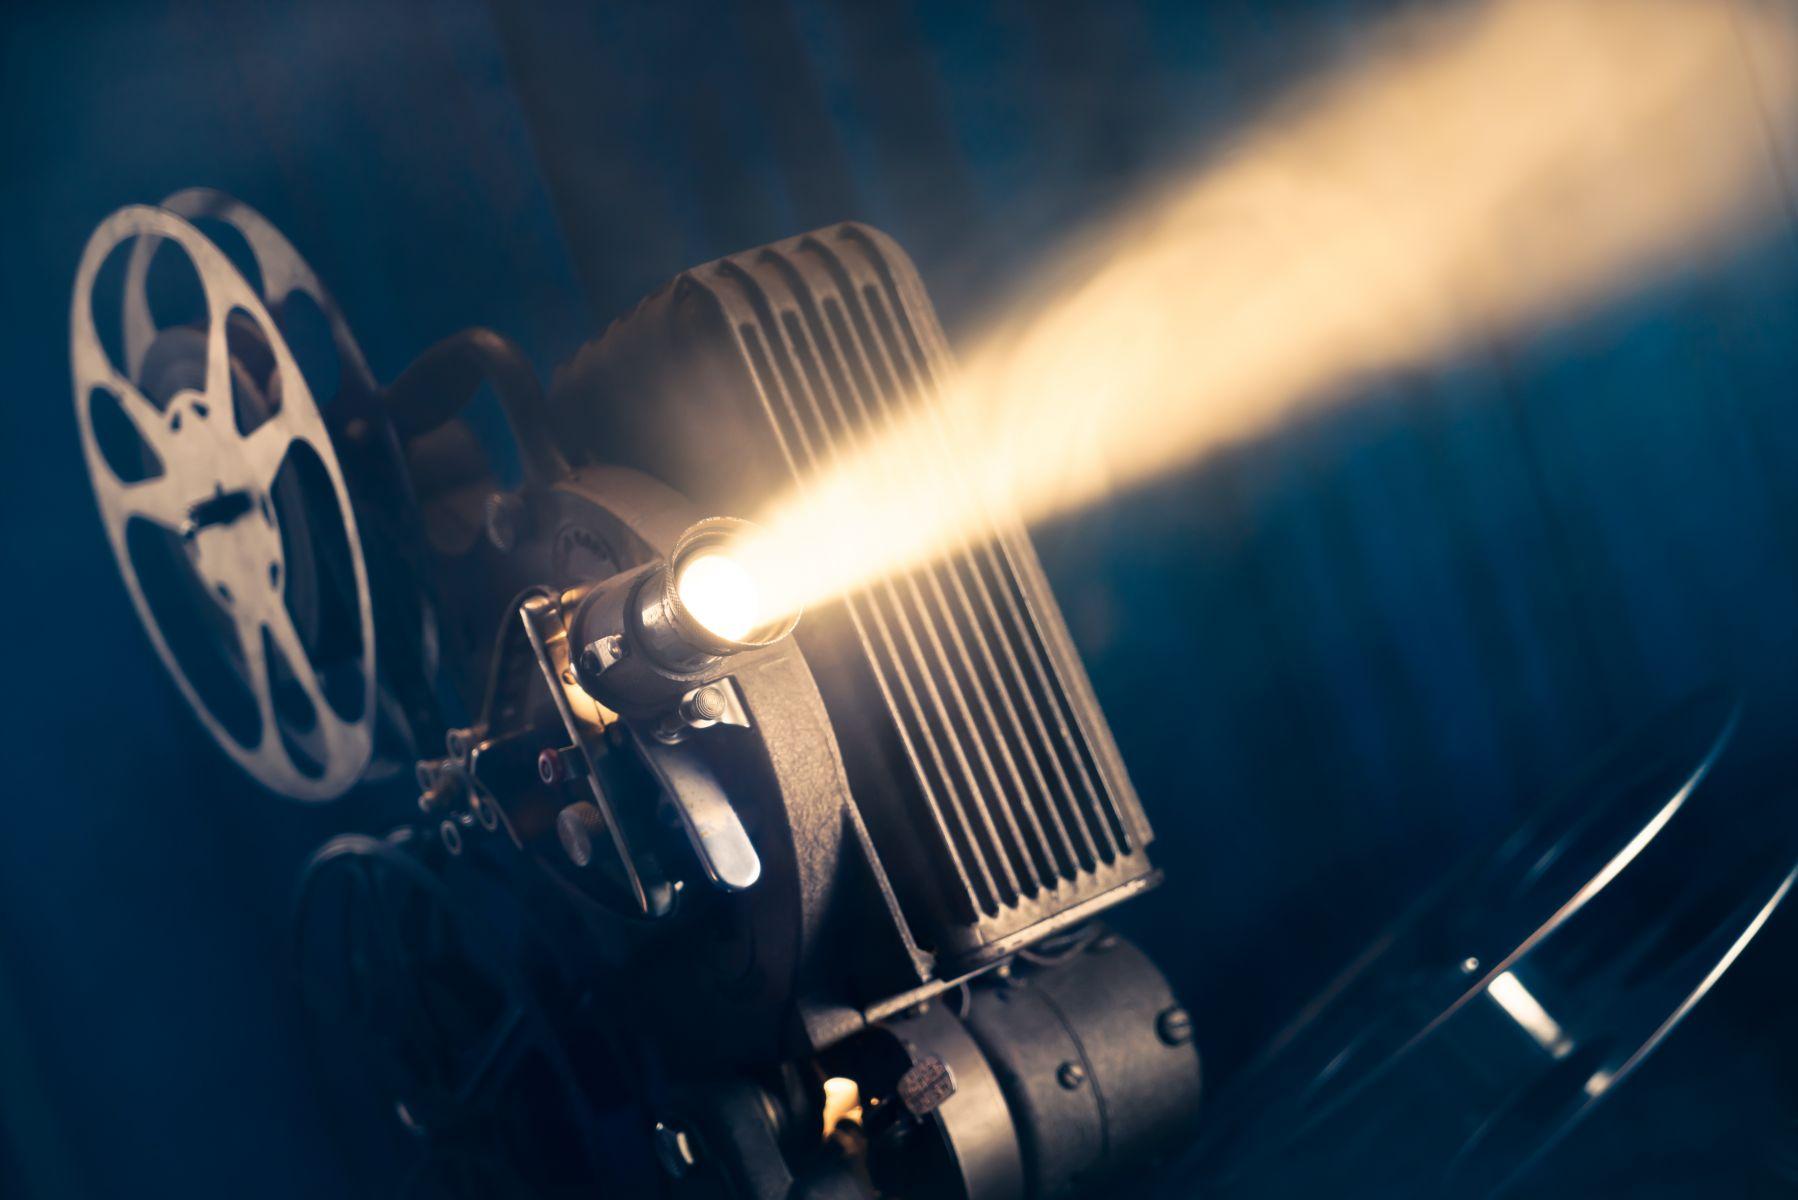 好萊塢中槍 大陸反制 傳禁播美國電影